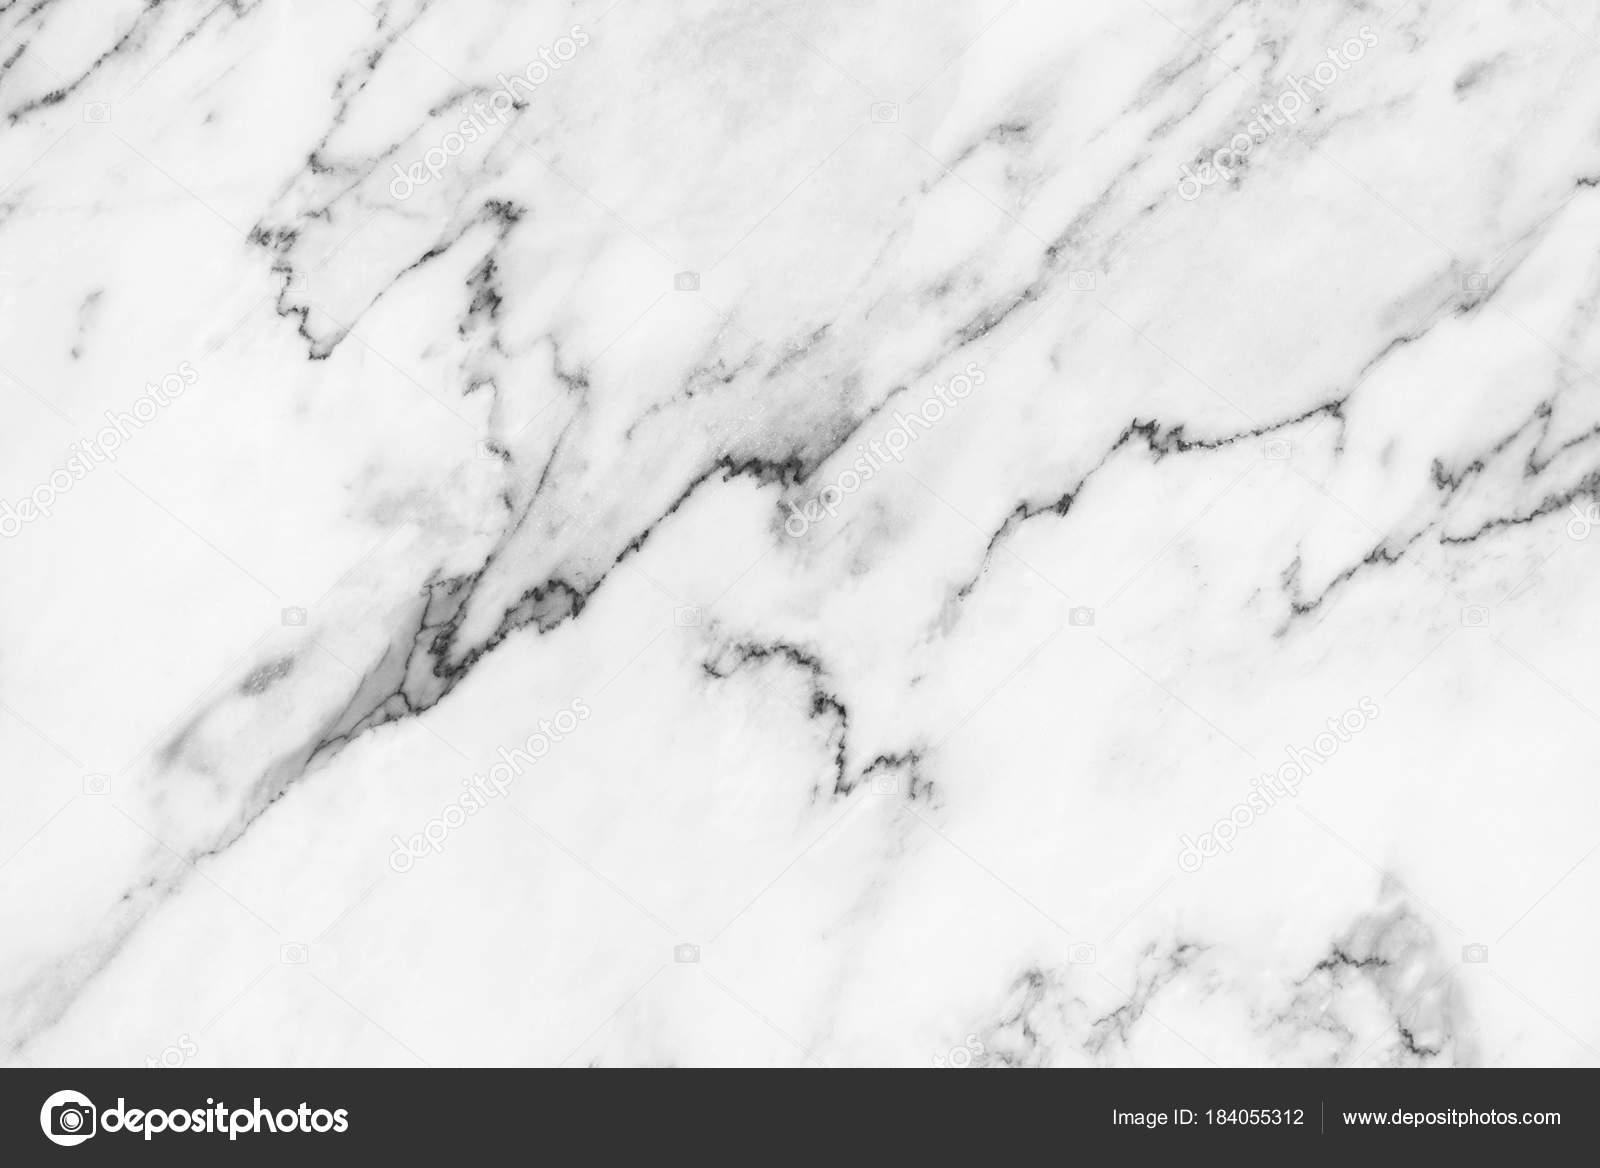 Texture D Arriere Plan En Marbre Blanc Et Couches De Couleur Pour La Conception De La Nature Photographie Tawanlubfah C 184055312